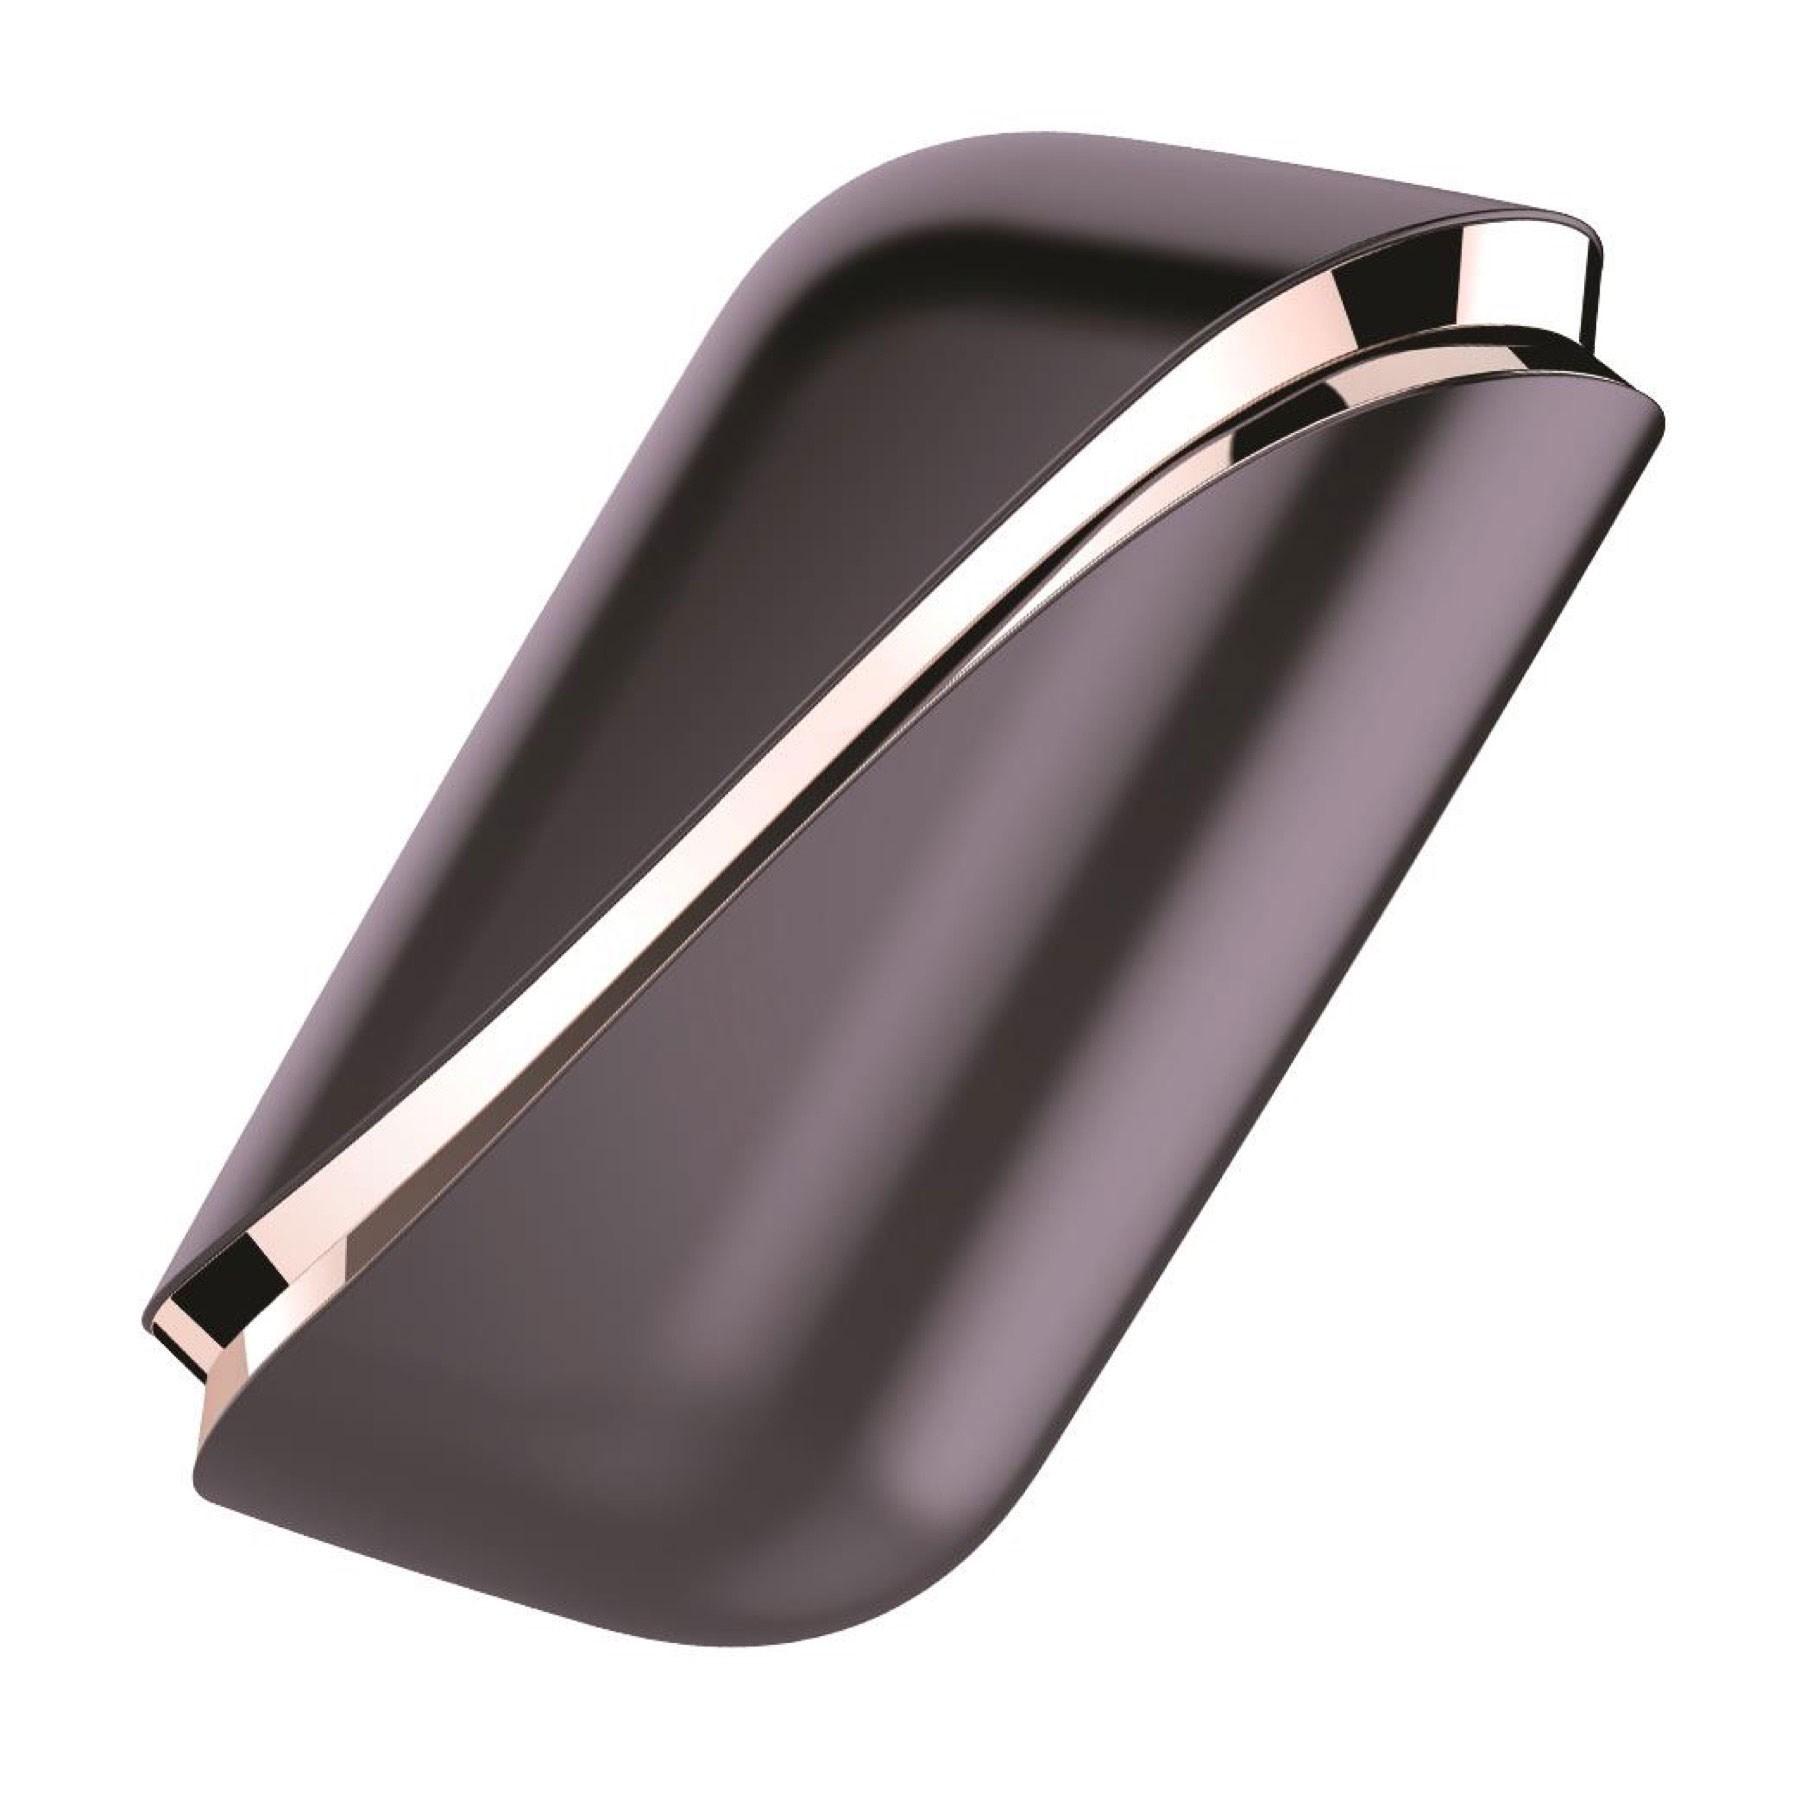 Перезаряжаемый вакуумно-волновой бесконтактный стимулятор клитора SATISFYER PRO TRAVELER. 11 режимов. силикон+АВС-пластик, 9,8х4,6х3,6 cм